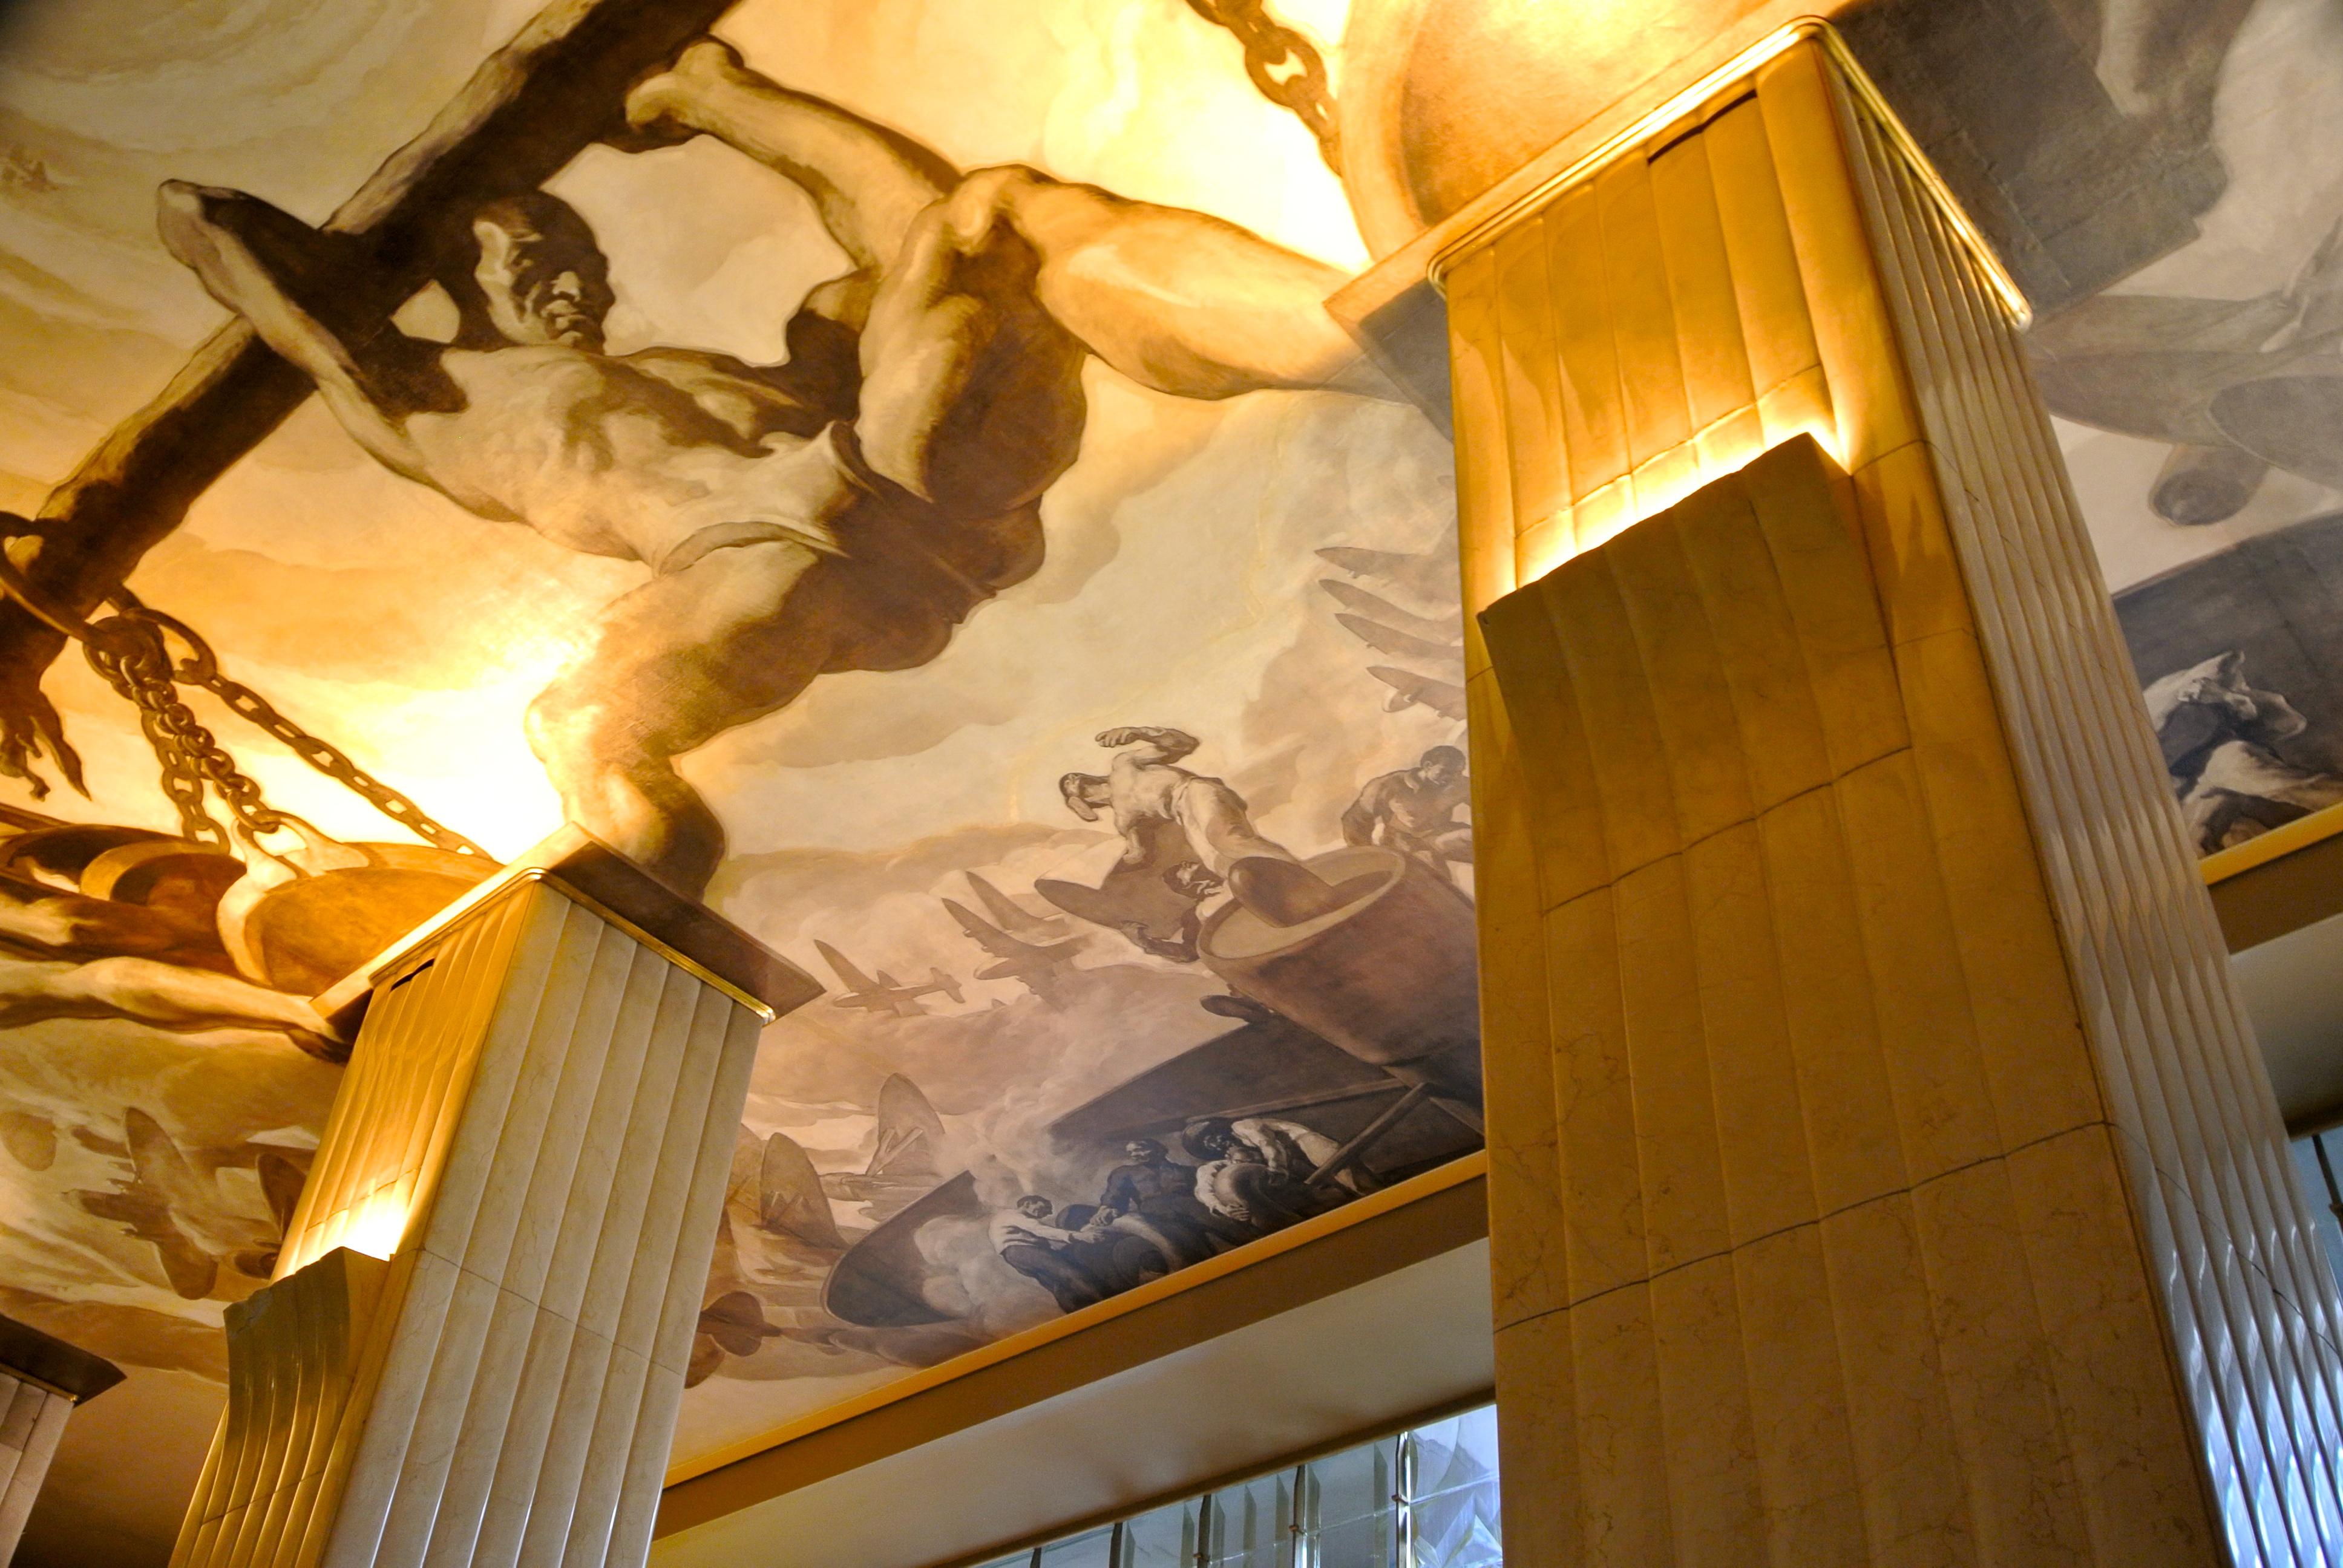 Entrance_of_Rockefeller_Center.jpg